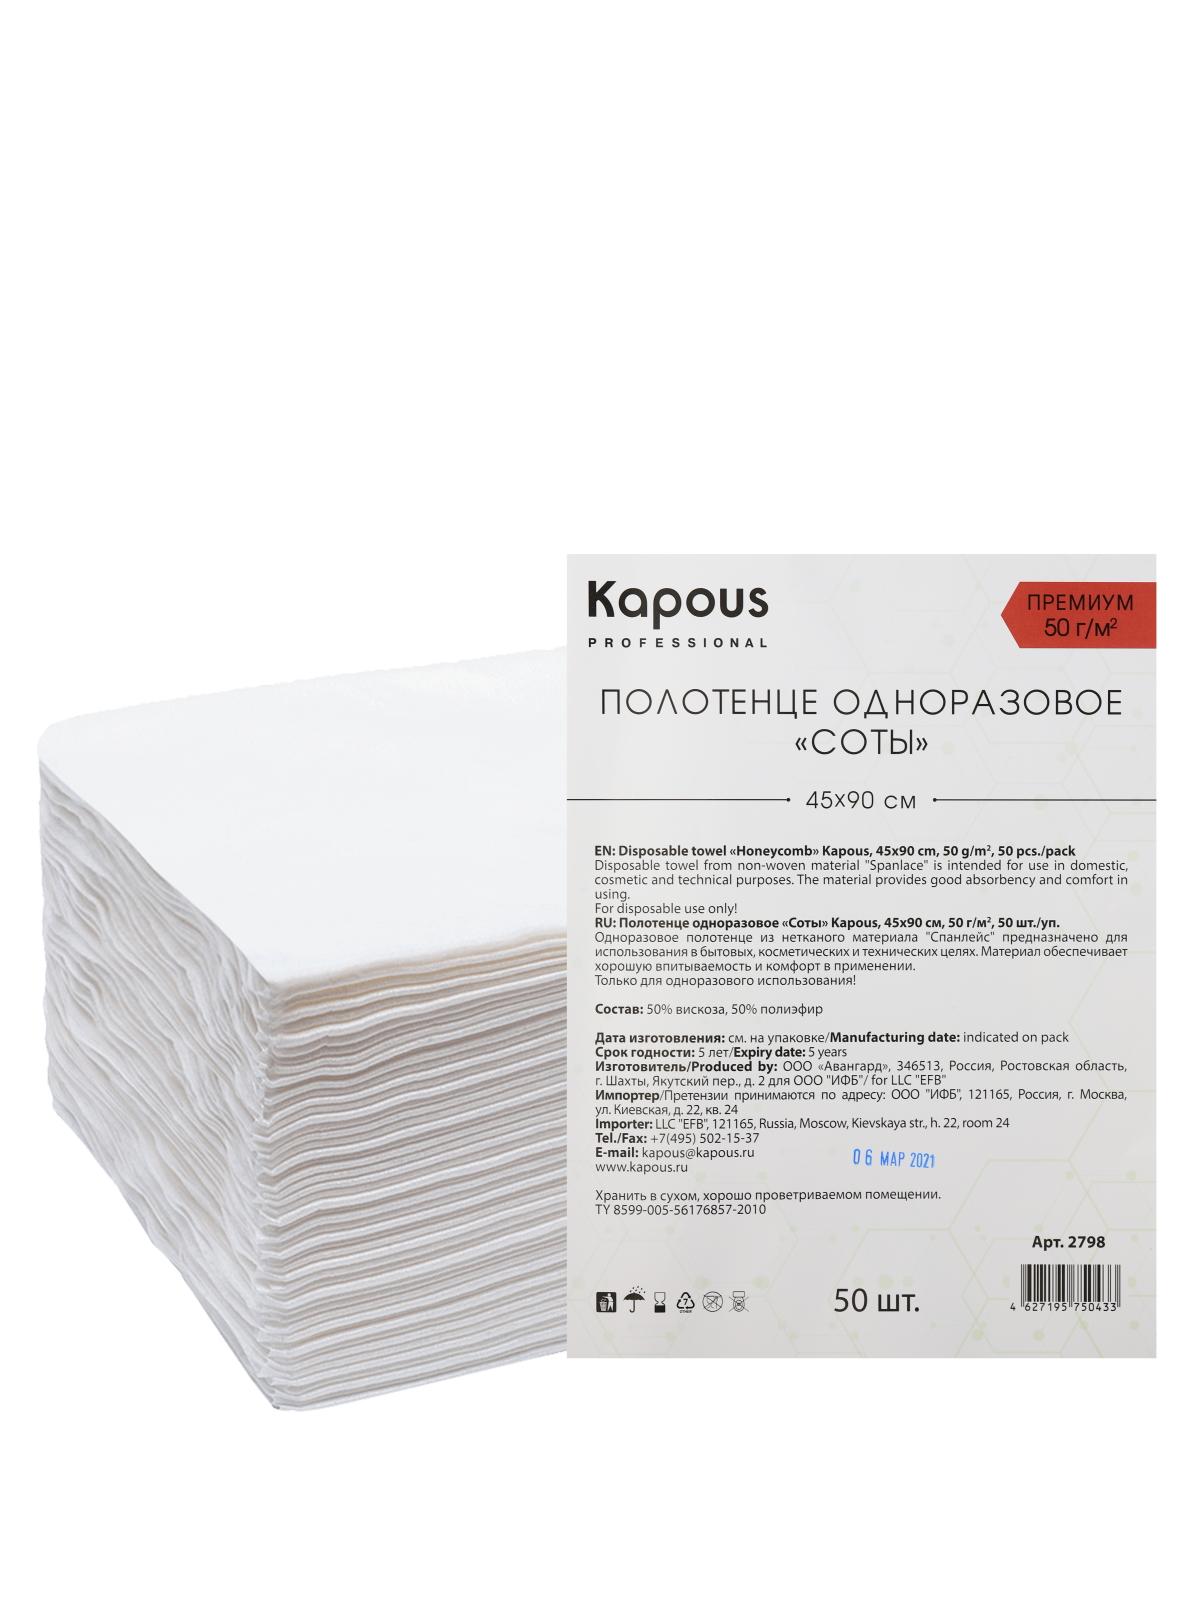 Купить Полотенце одноразовое KAPOUS PROFESSIONAL соты в сложении 45 х 90 см 50г/м2 50 шт